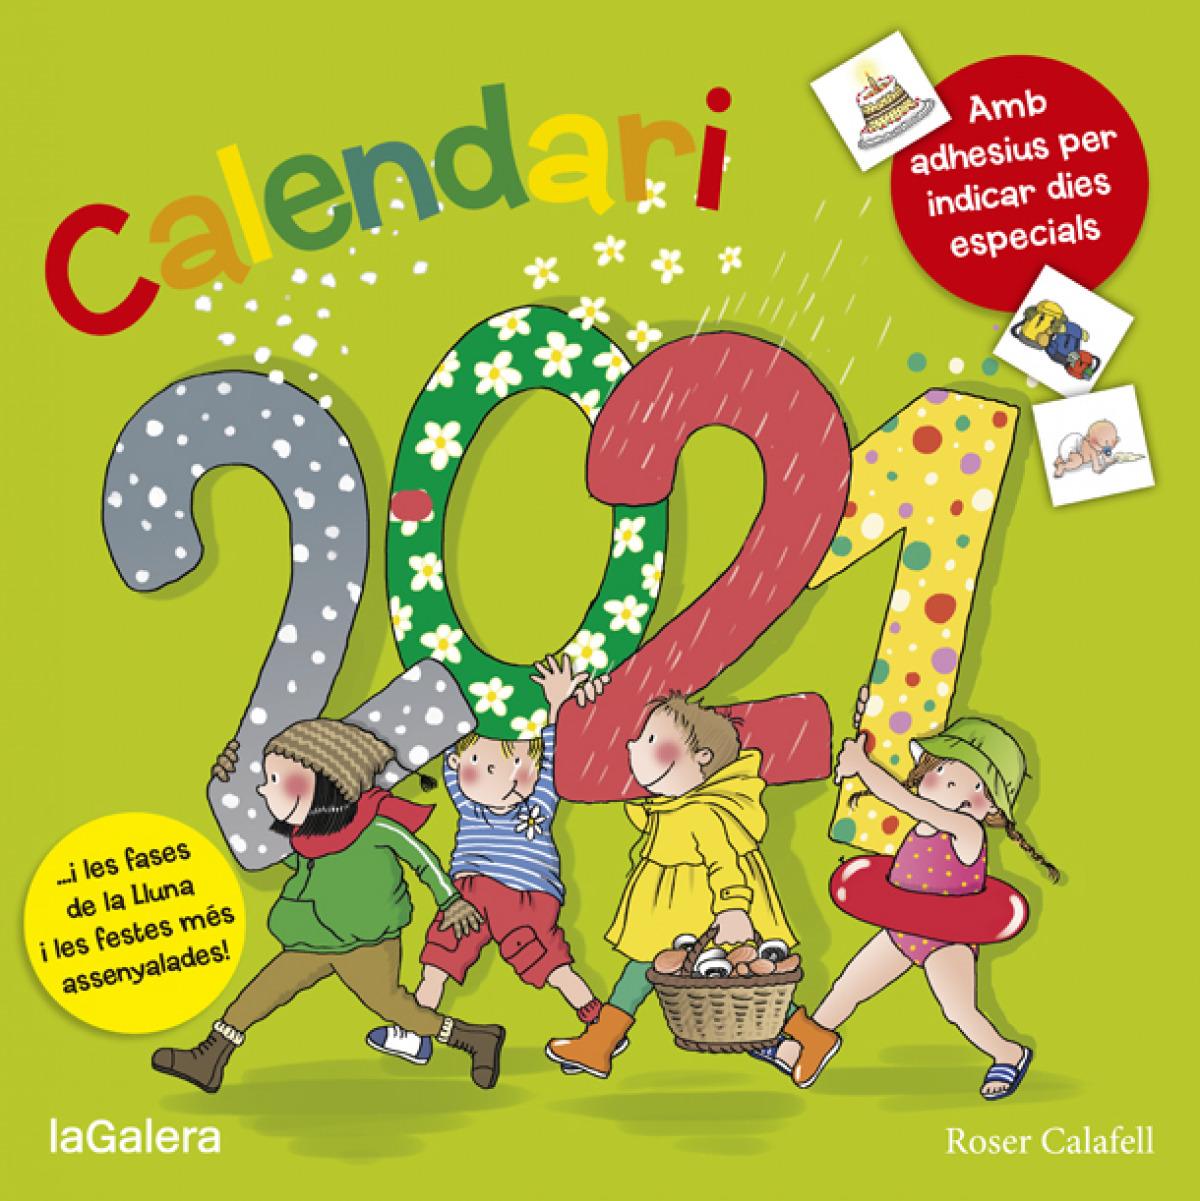 Calendari 2021 LaGalera